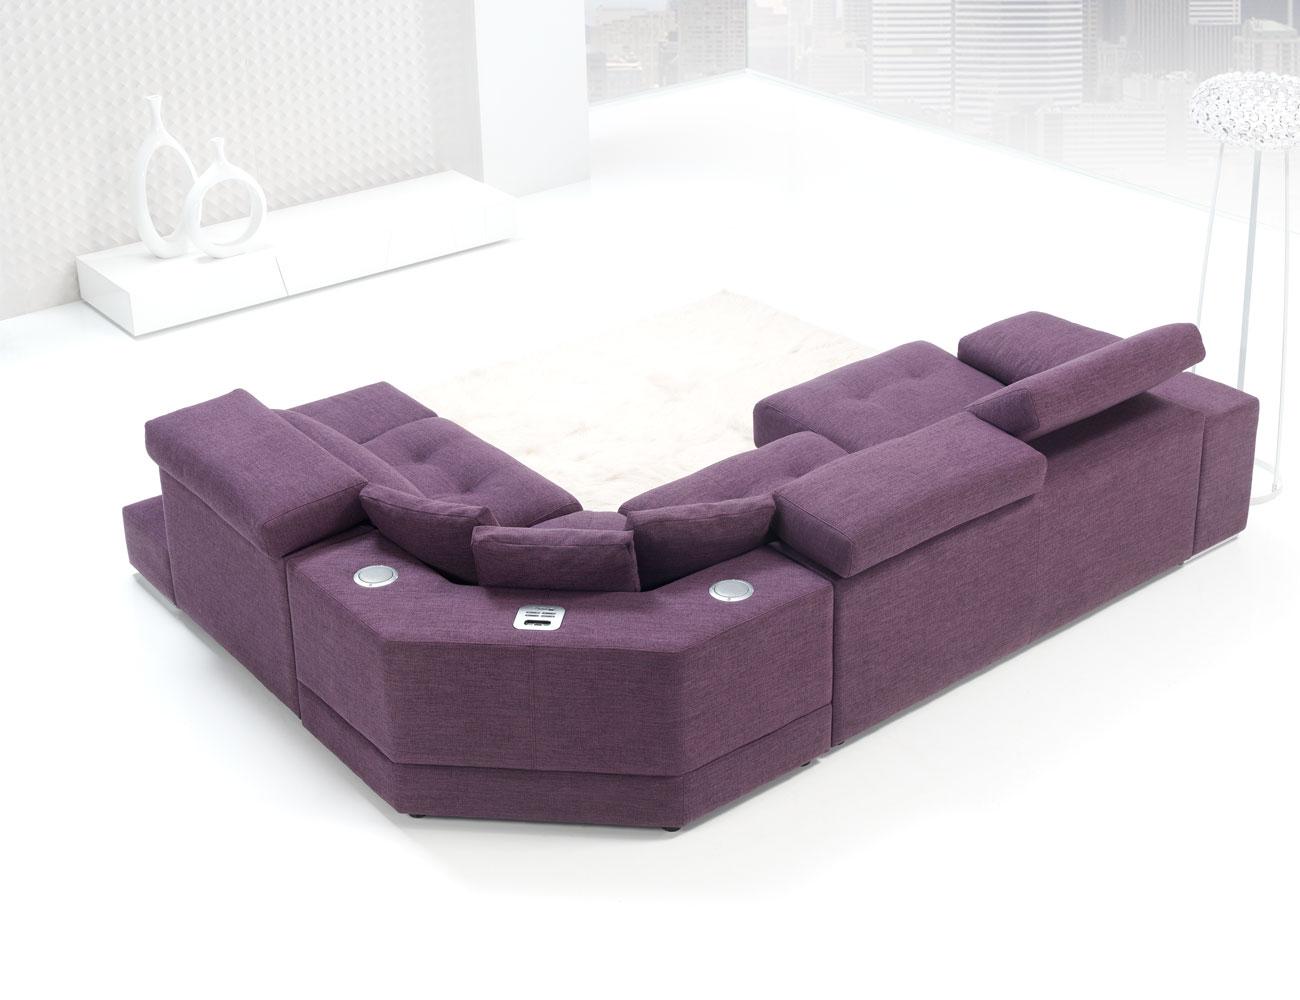 Sofa chaiselongue rincon con brazo mecanico tejido anti manchas 32